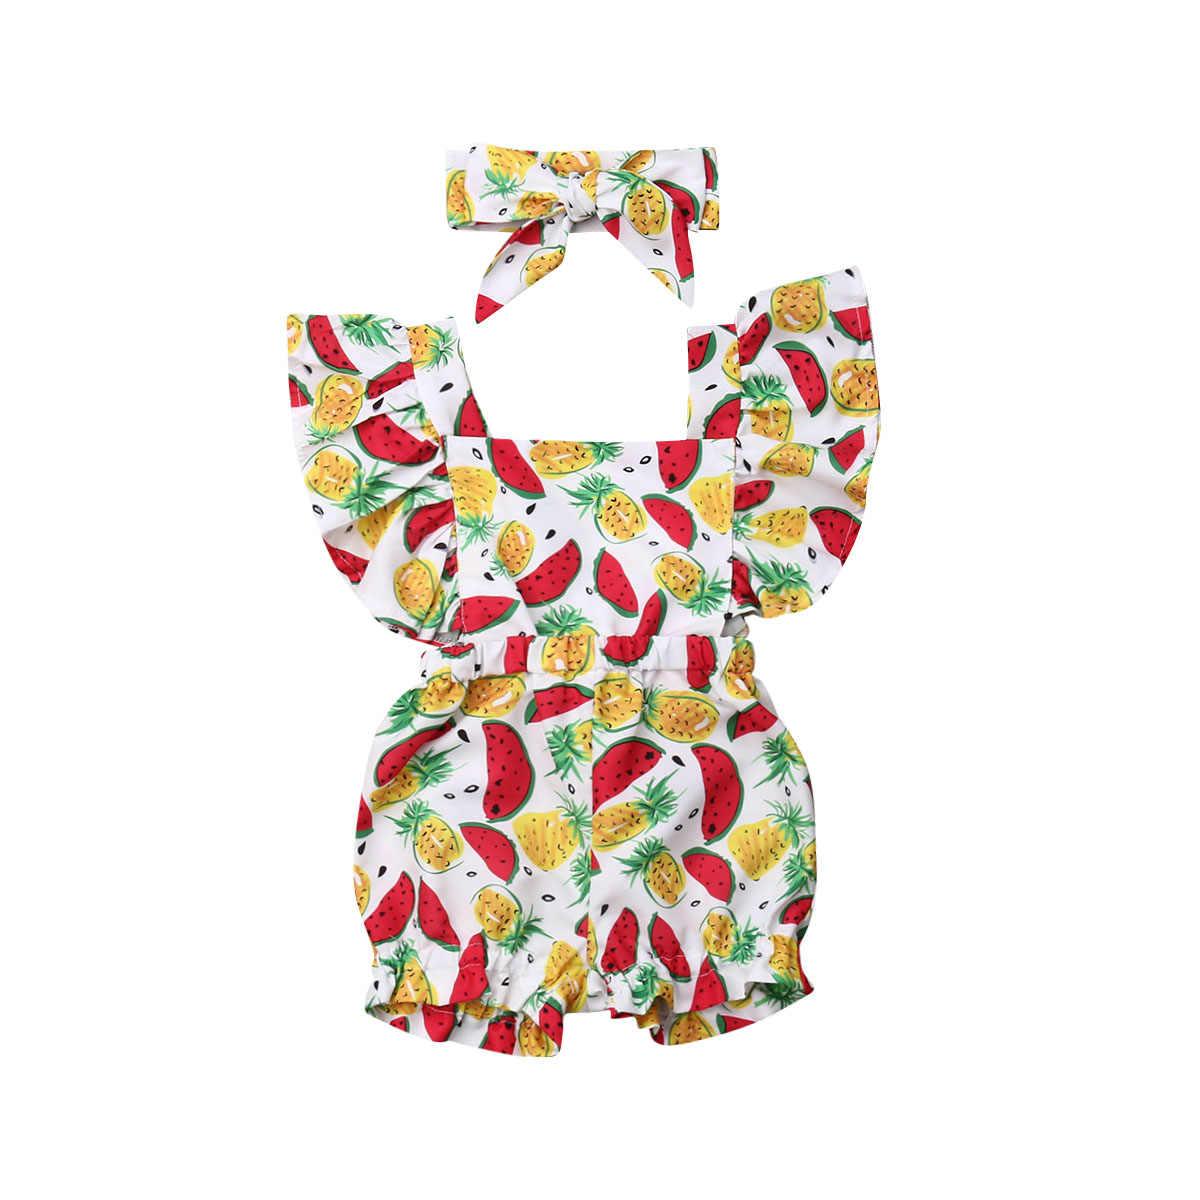 Ropa para bebés recién nacidos ropa de verano con volantes manga Floral mameluco mono + diadema 2 piezas trajes ropa de traje de sol